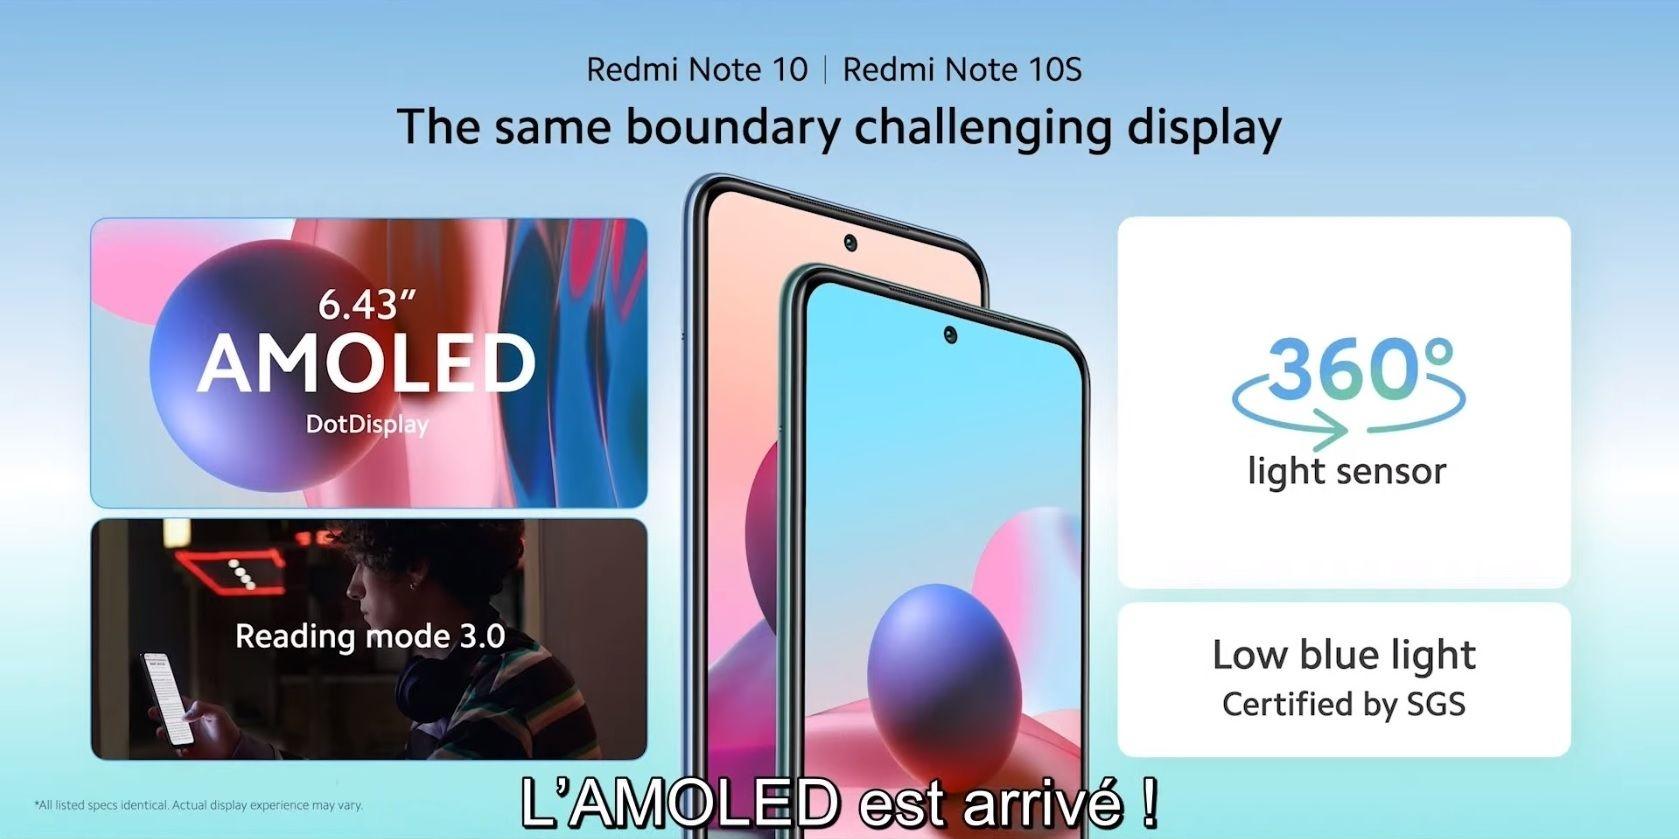 Redmi Note 10 02